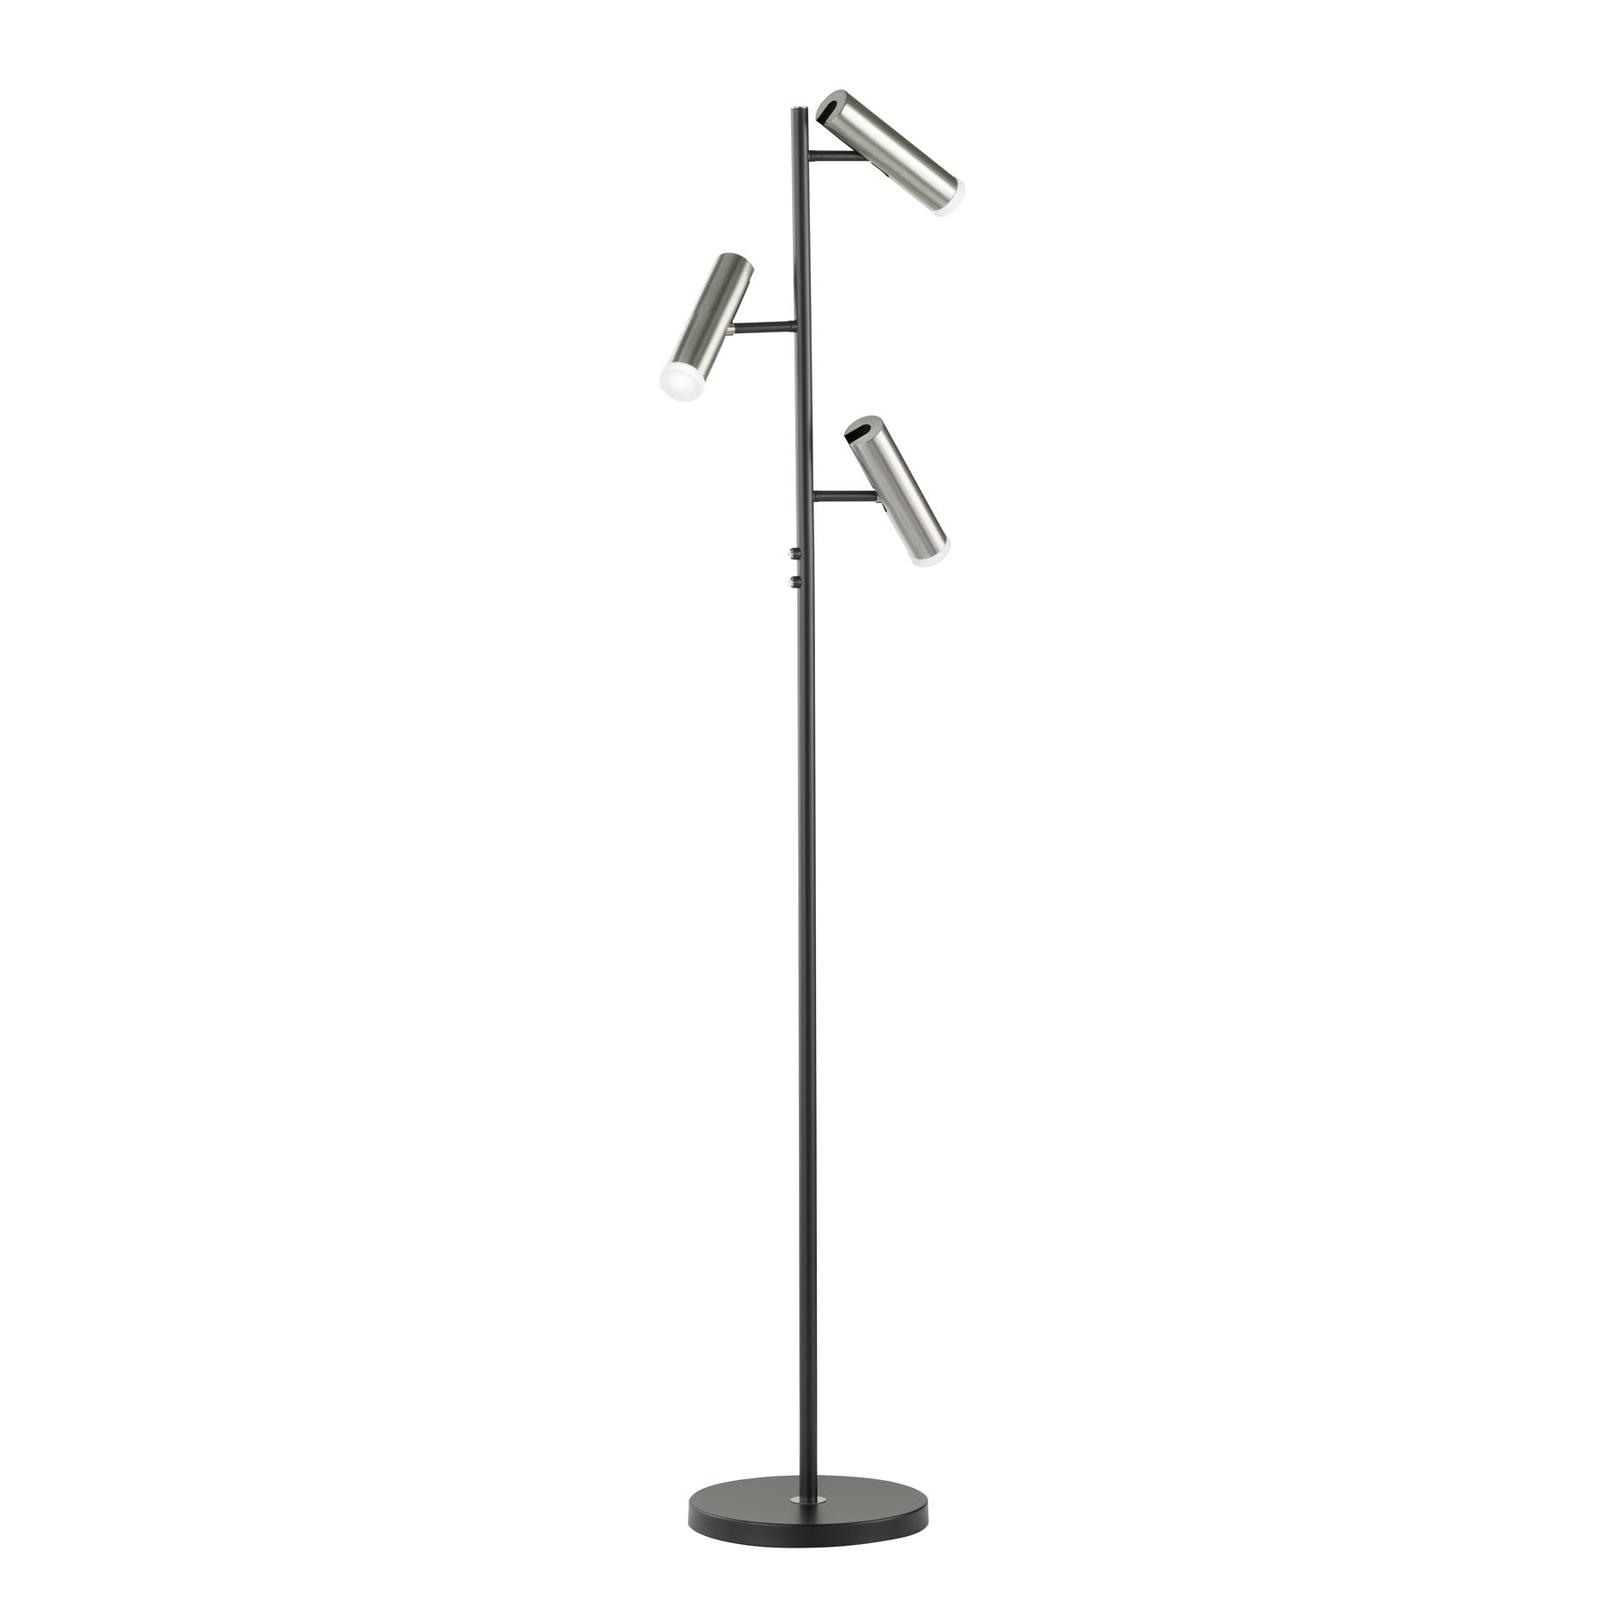 Lampa stojąca LED Z-Ronja 3-pkt, ZigBee